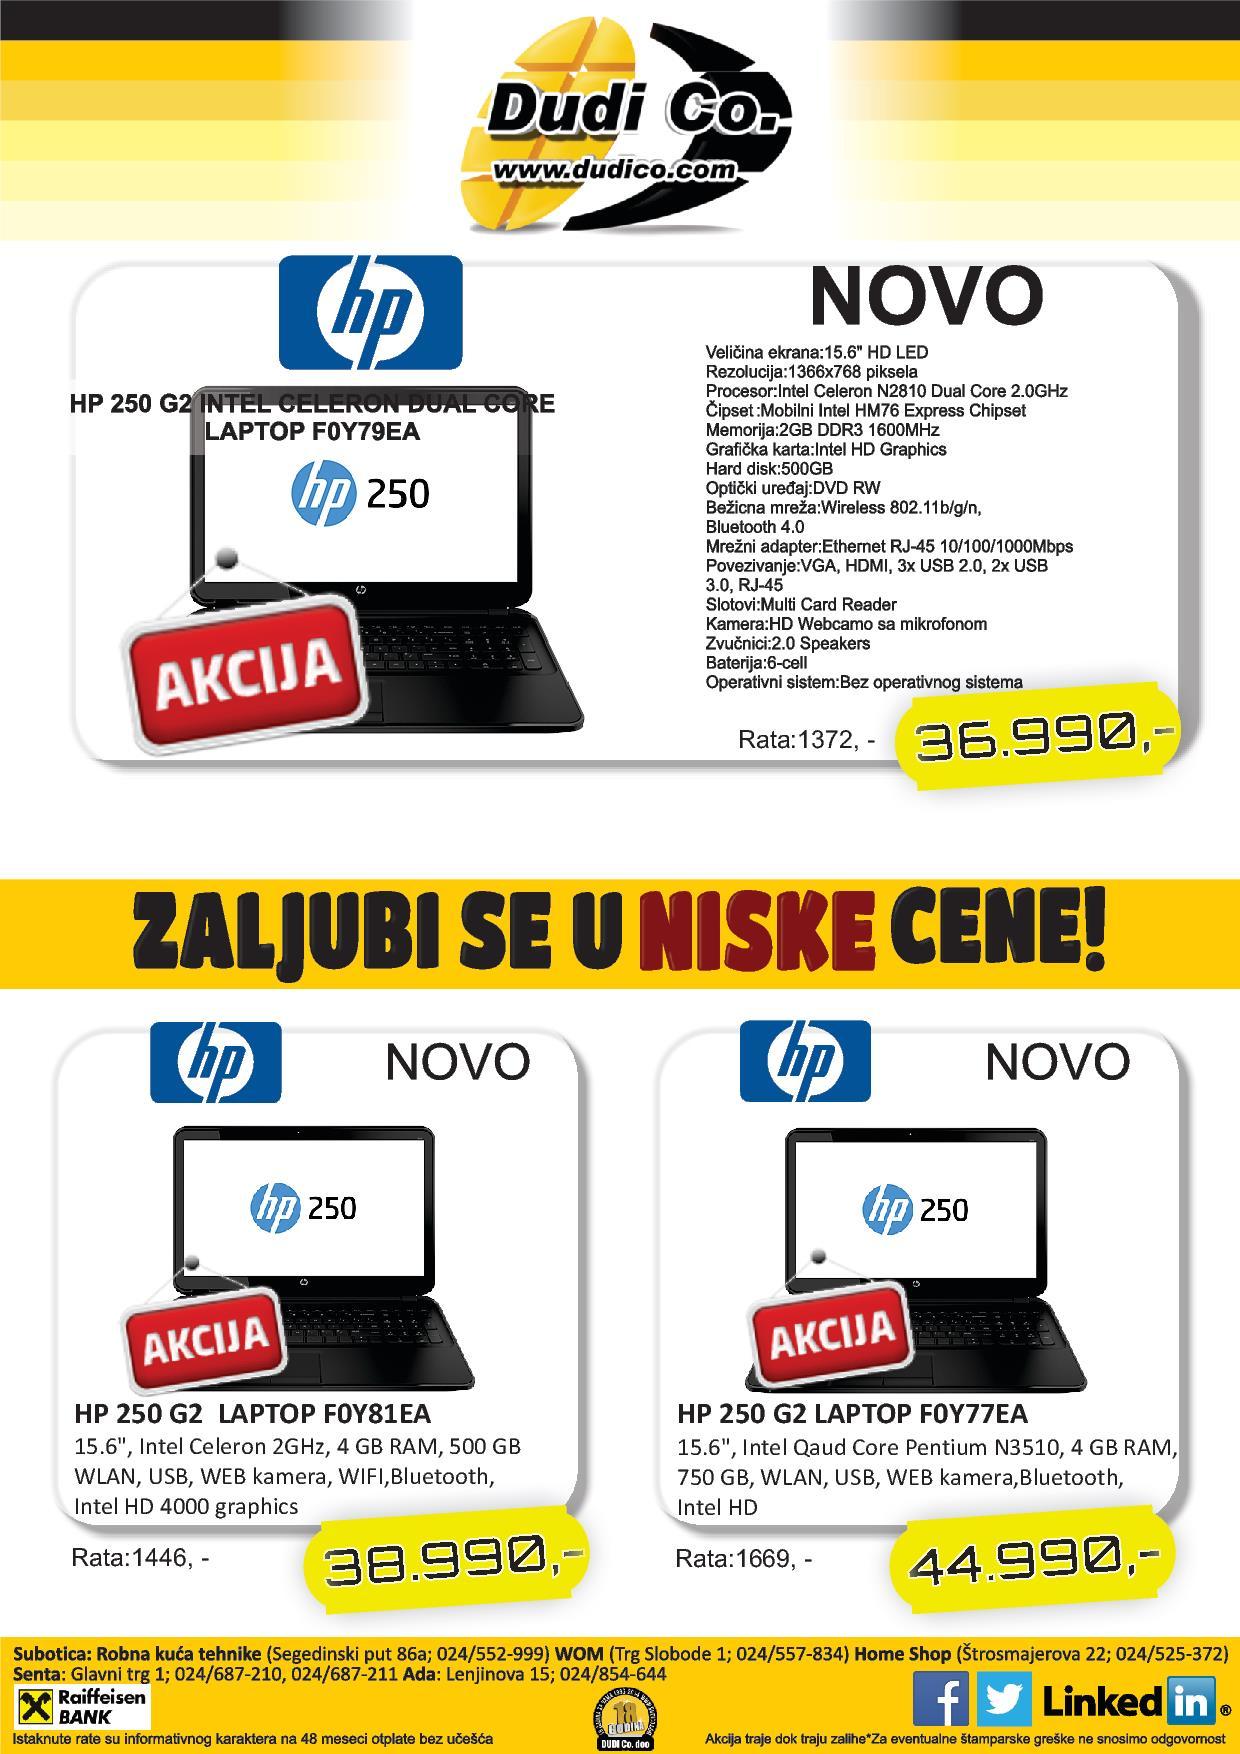 Dudico akcija super ponuda laptop uređaja